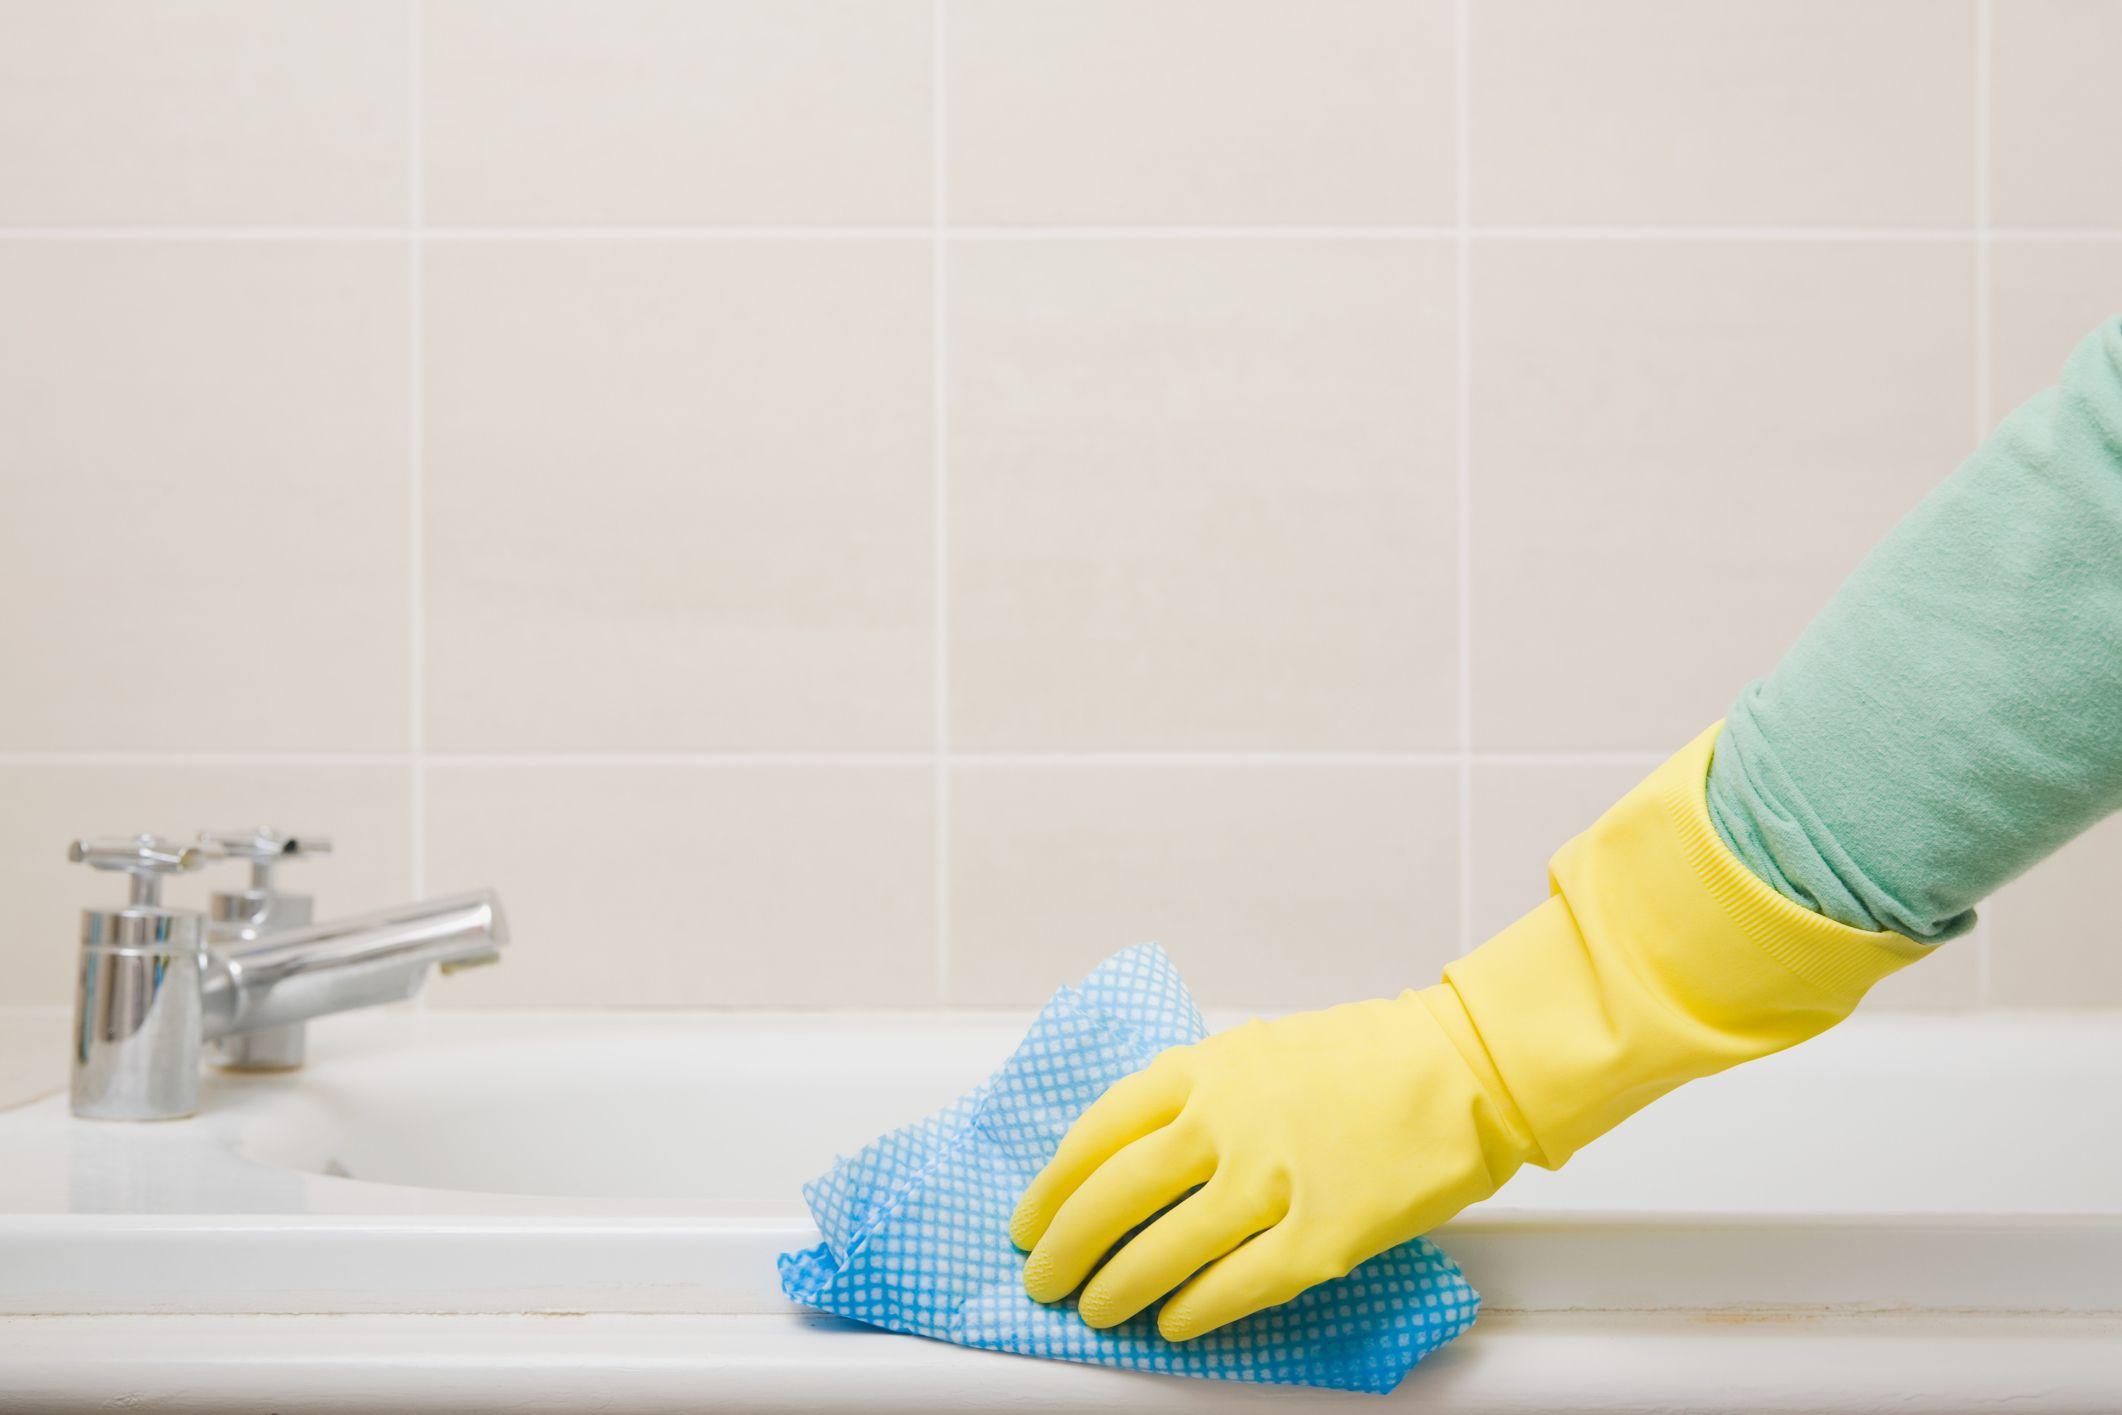 vinagre limpiar